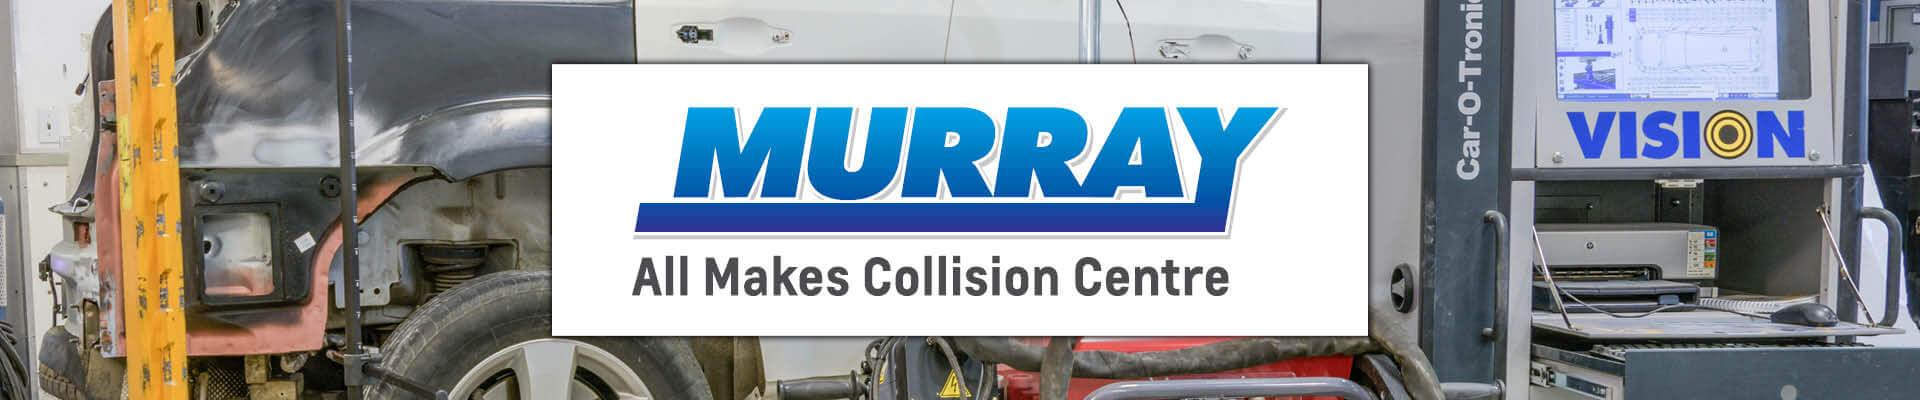 all makes collision centre